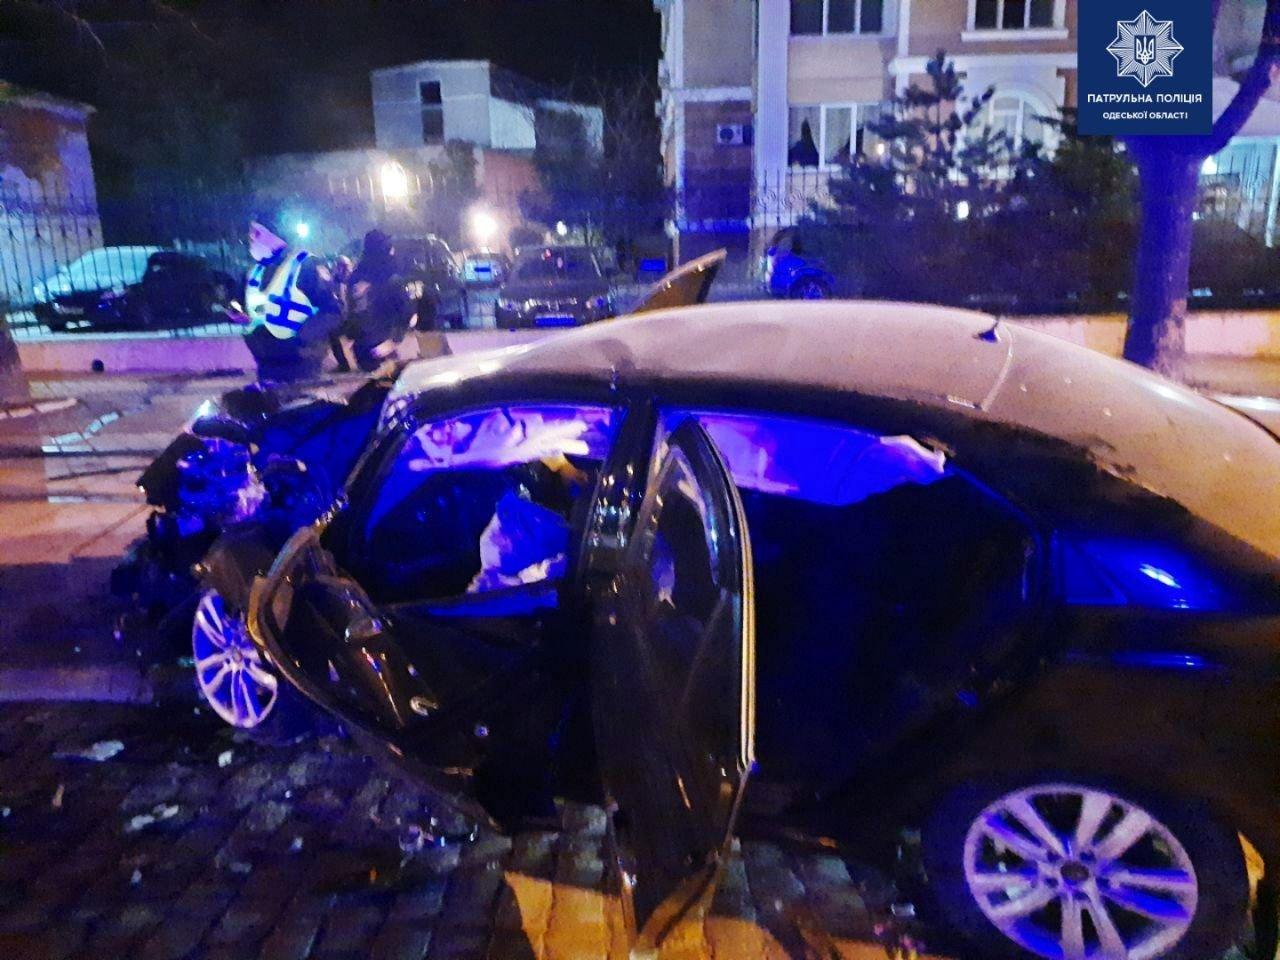 В Одессе на Французском бульваре автомобиль врезался в дерево, есть пострадавшие, - ФОТО, фото-1